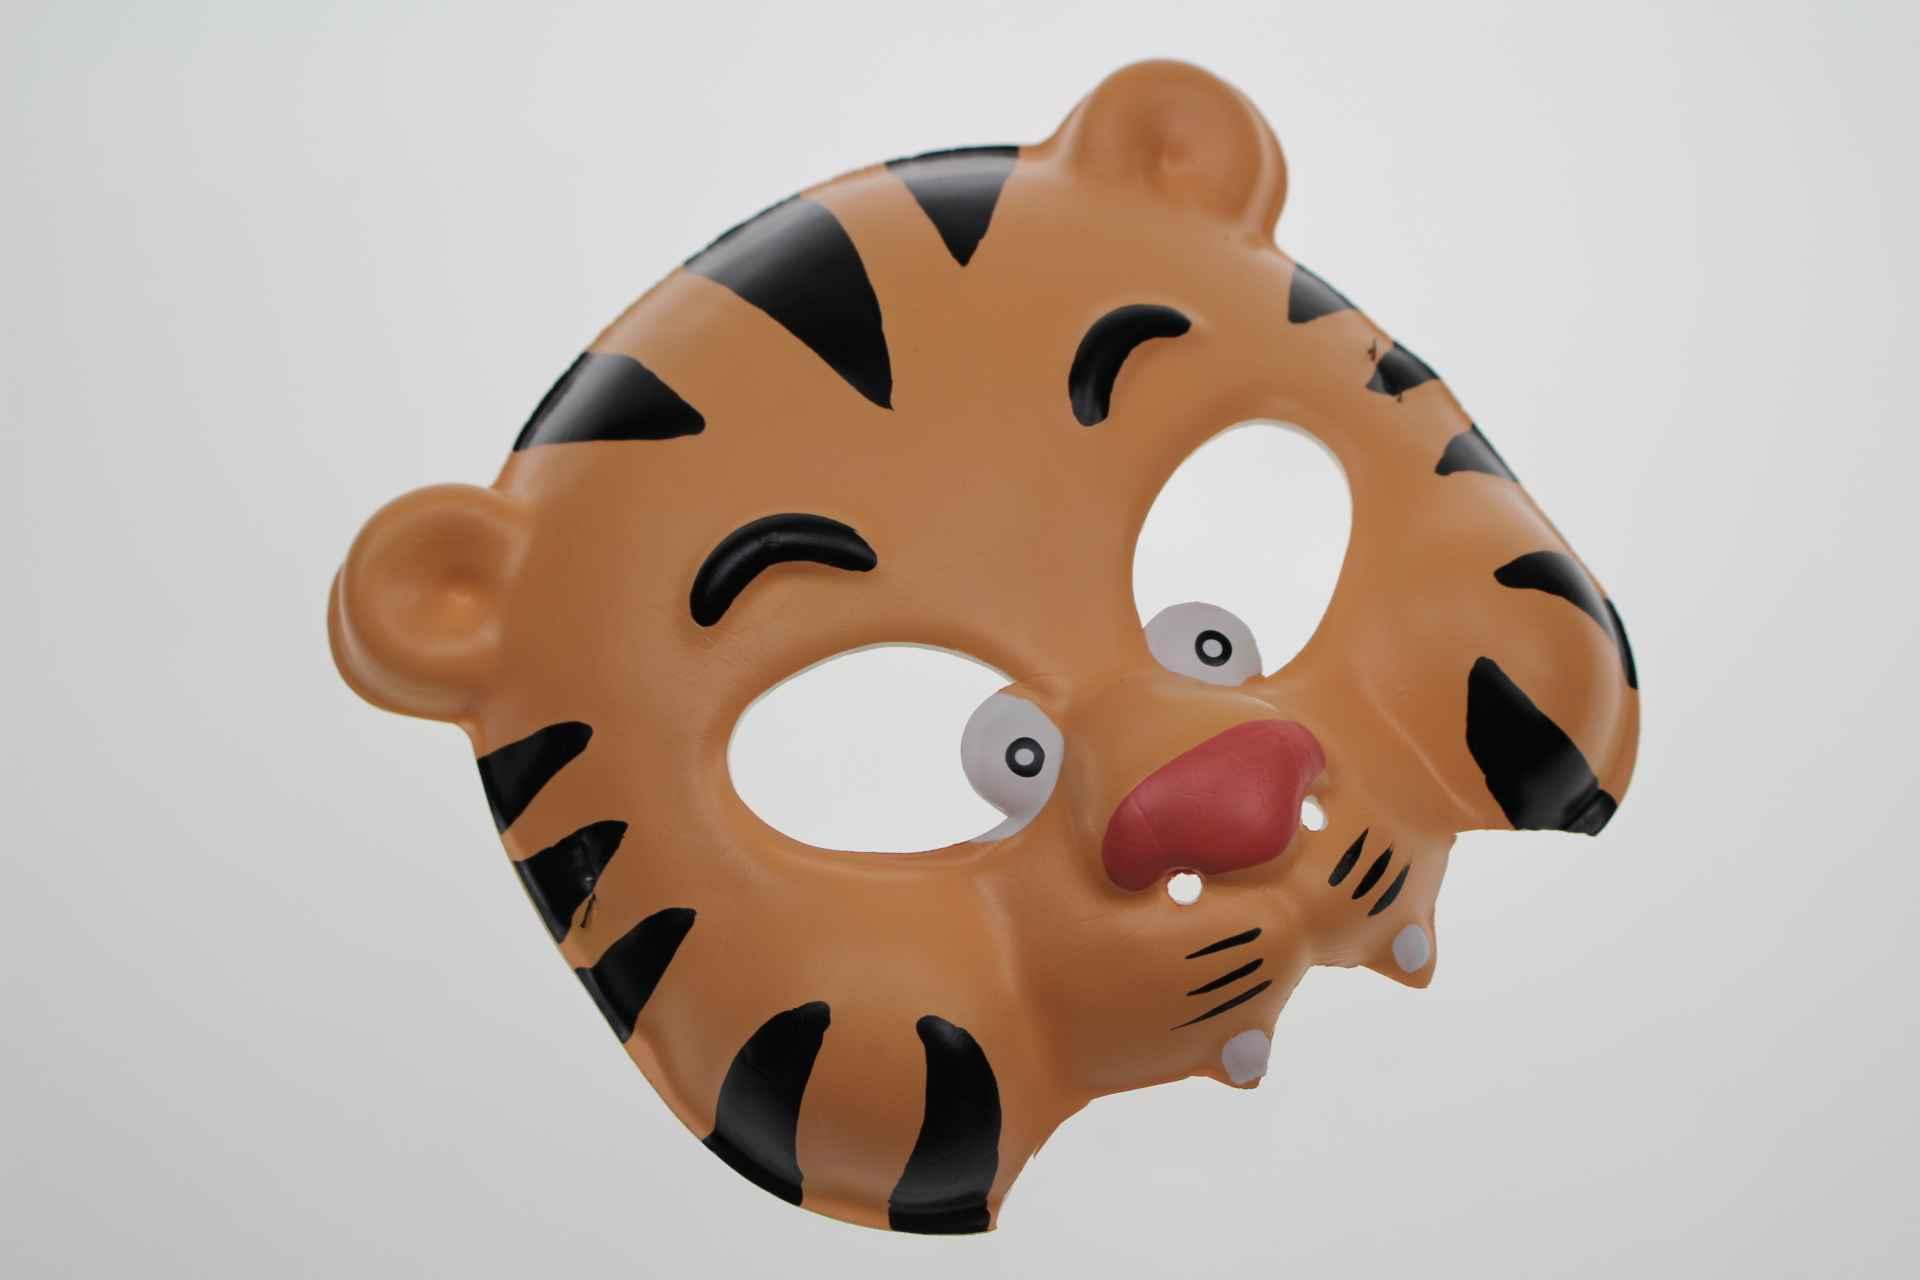 厂家直销批发定制 环保eva可爱老虎面具 卡通儿童可爱